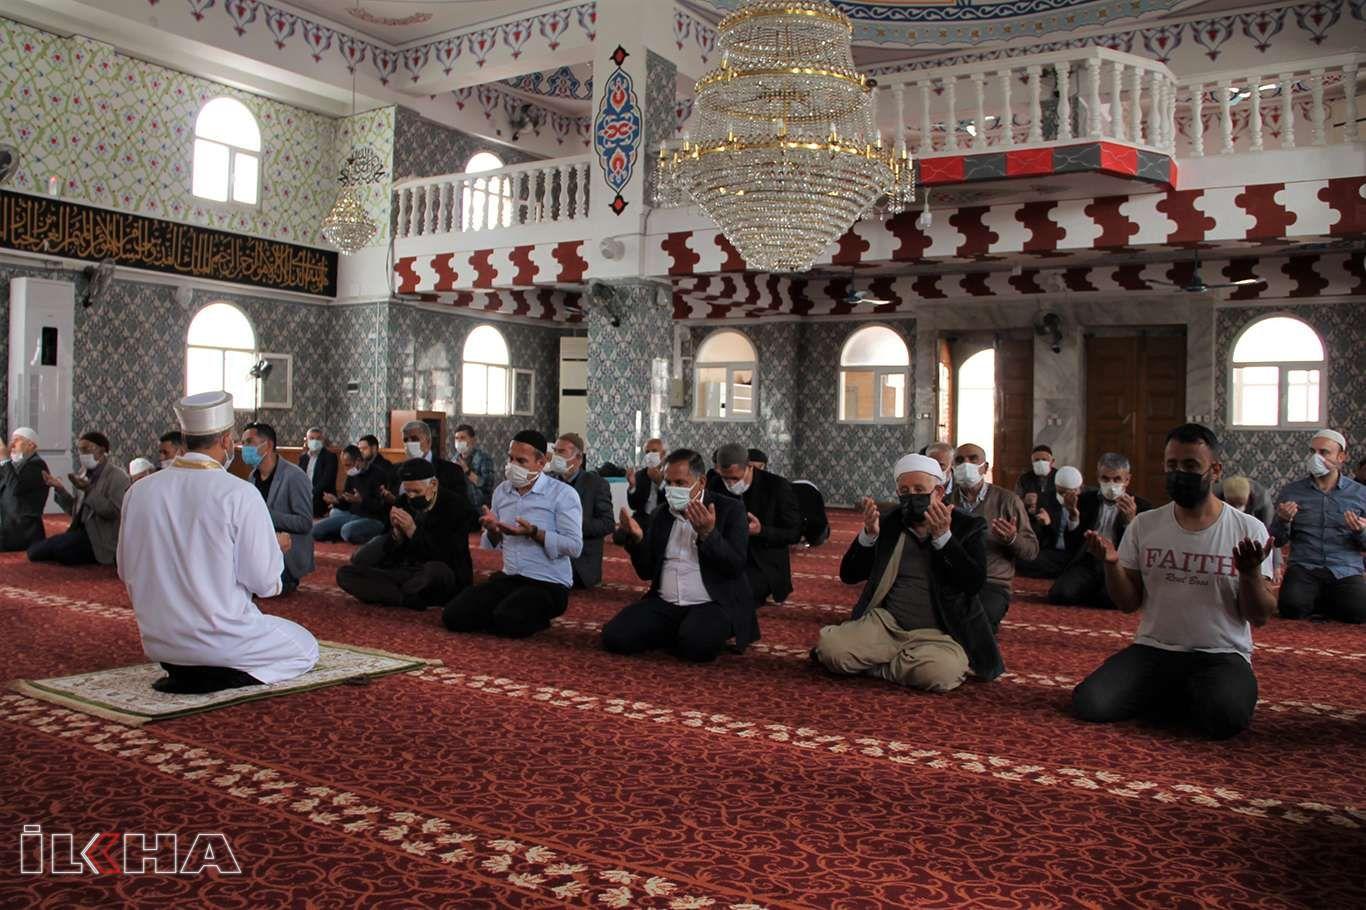 Halkın tercihi teravih namazını camide kılmaktan yana